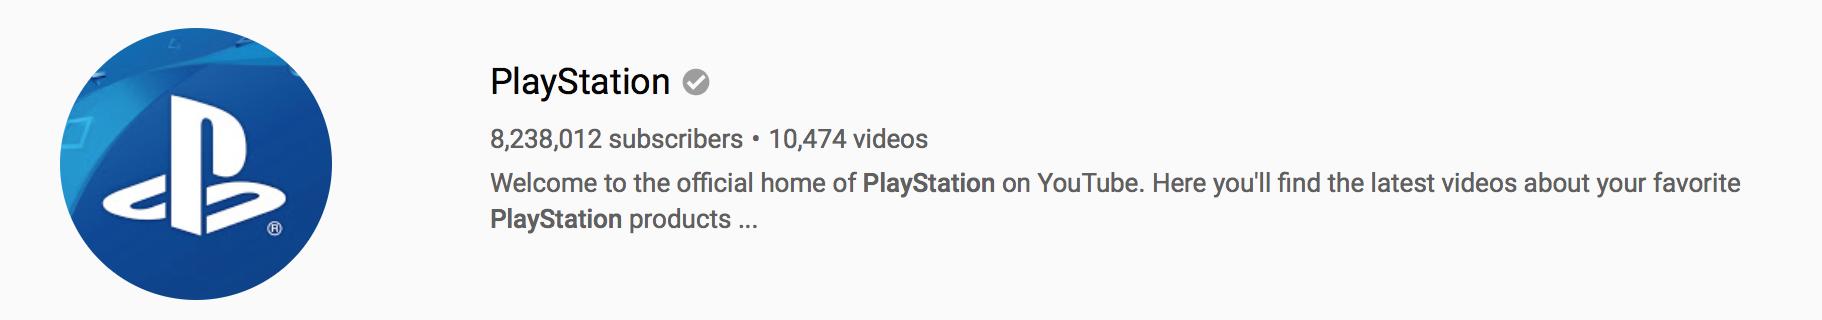 Playstation Youtube profile photo